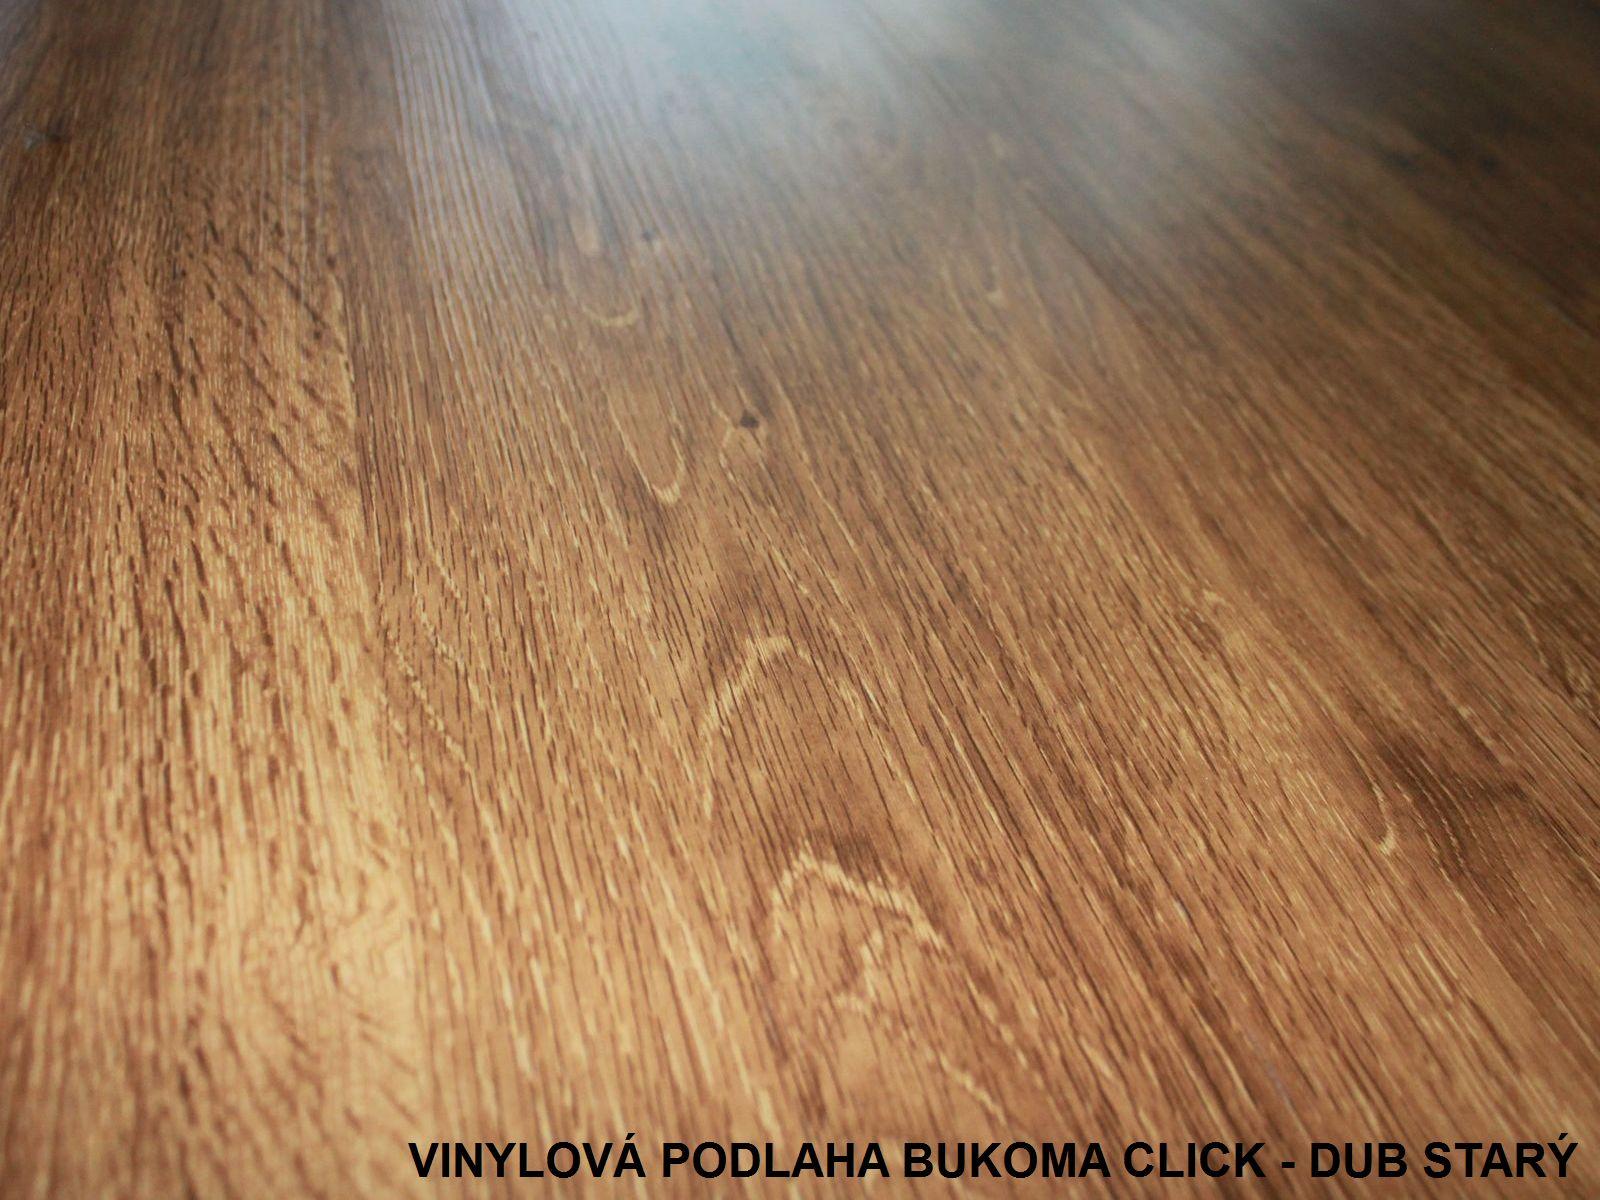 Vinylové podlahy představují dokonalý podlahový materiál